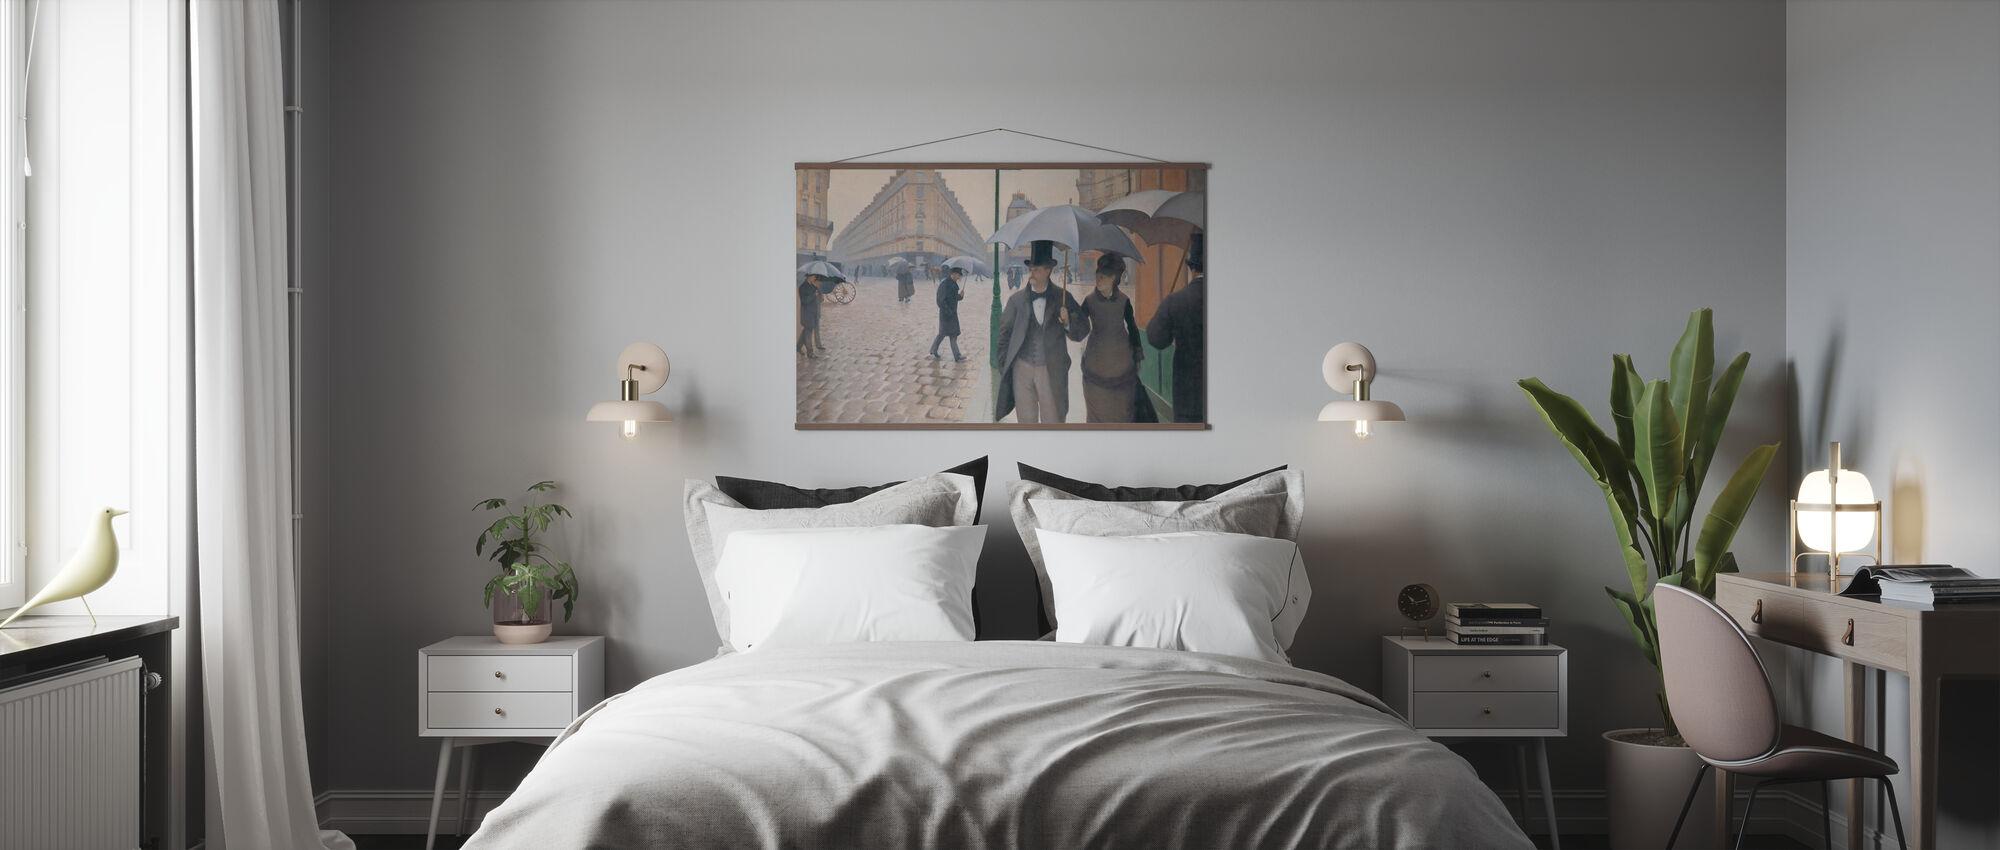 Paris Street - Gustave Caillebotte - Poster - Bedroom